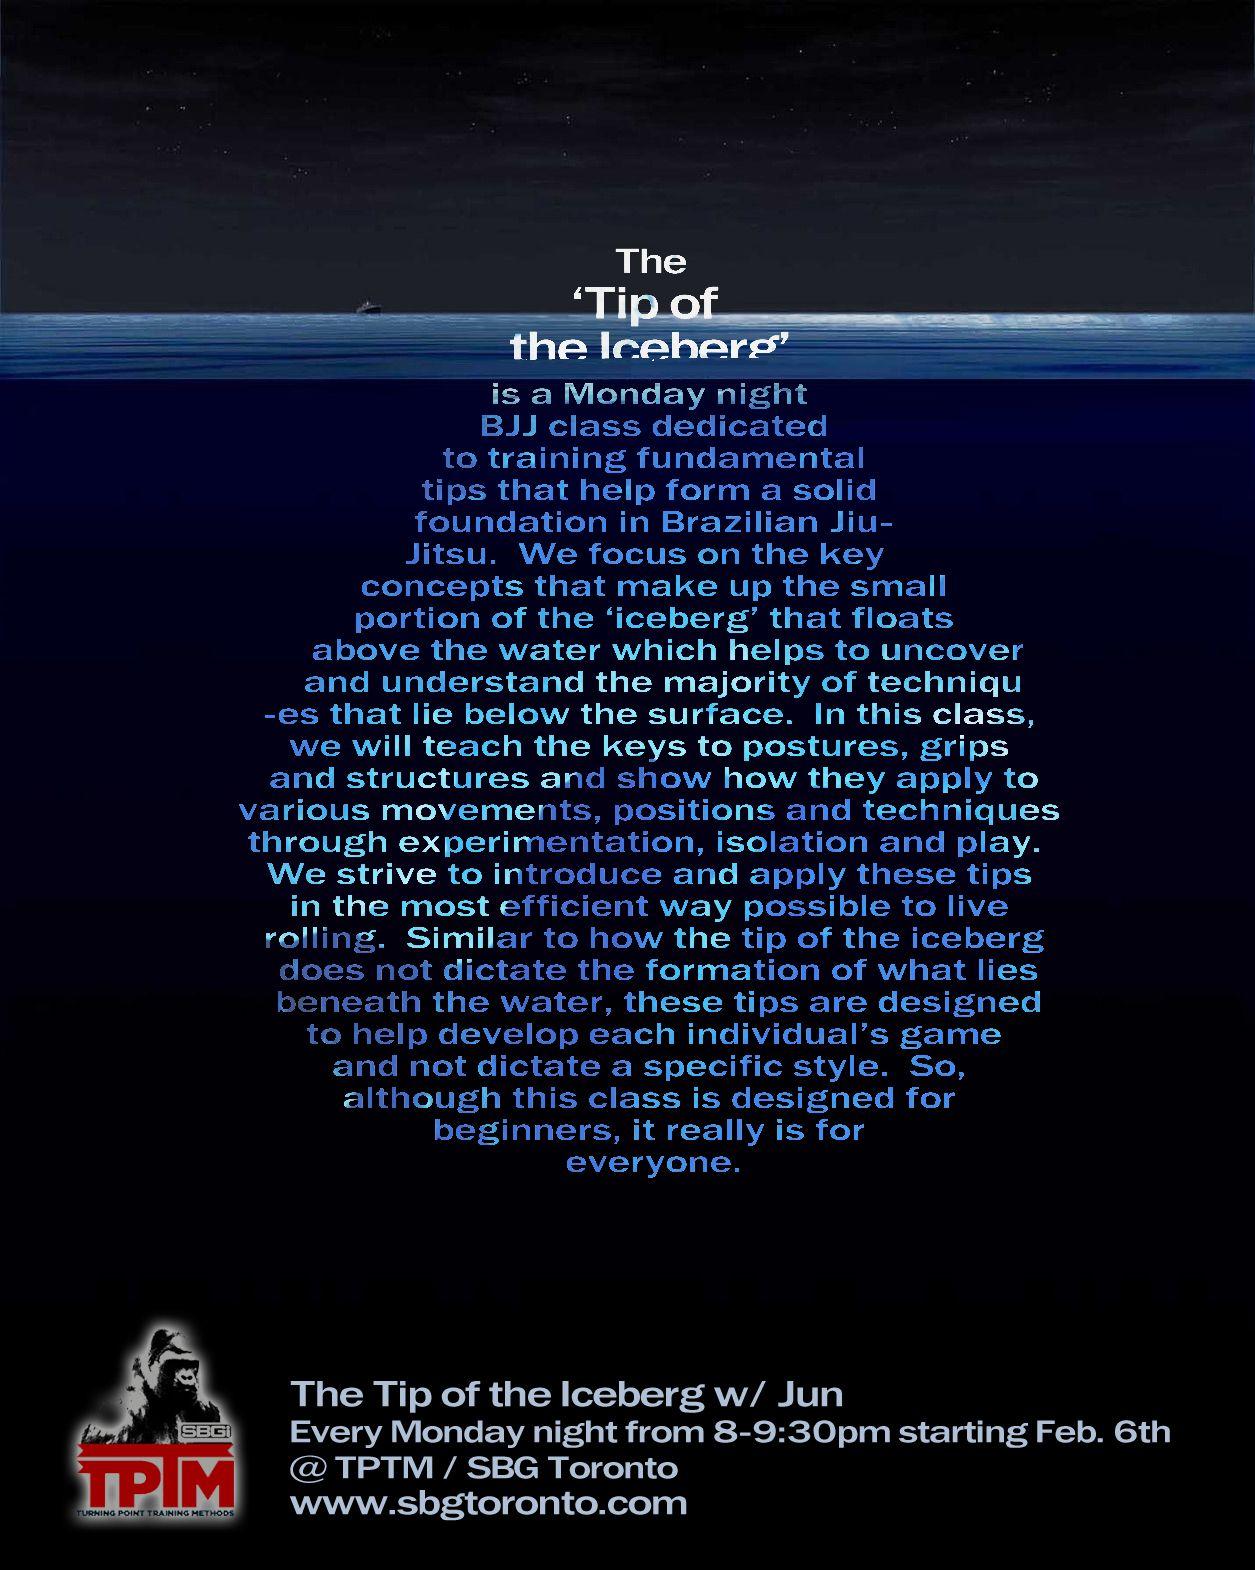 The+Tip+of+Iceberg   New Beginner's Class – The Tip of the Iceberg!